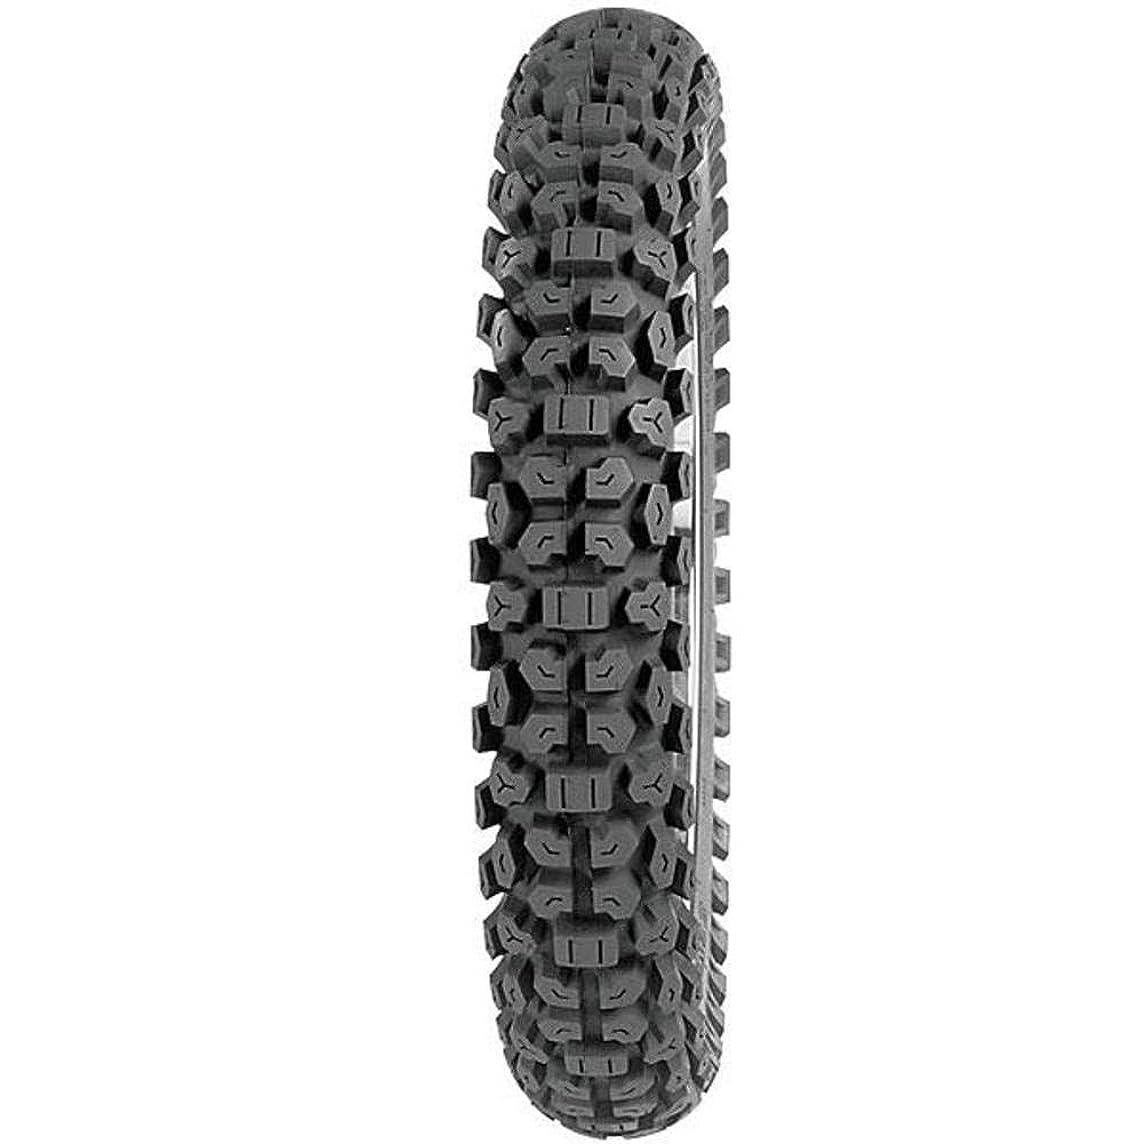 Kenda K270 Dual Sport Motorcycle Tire Rear 4.60-17